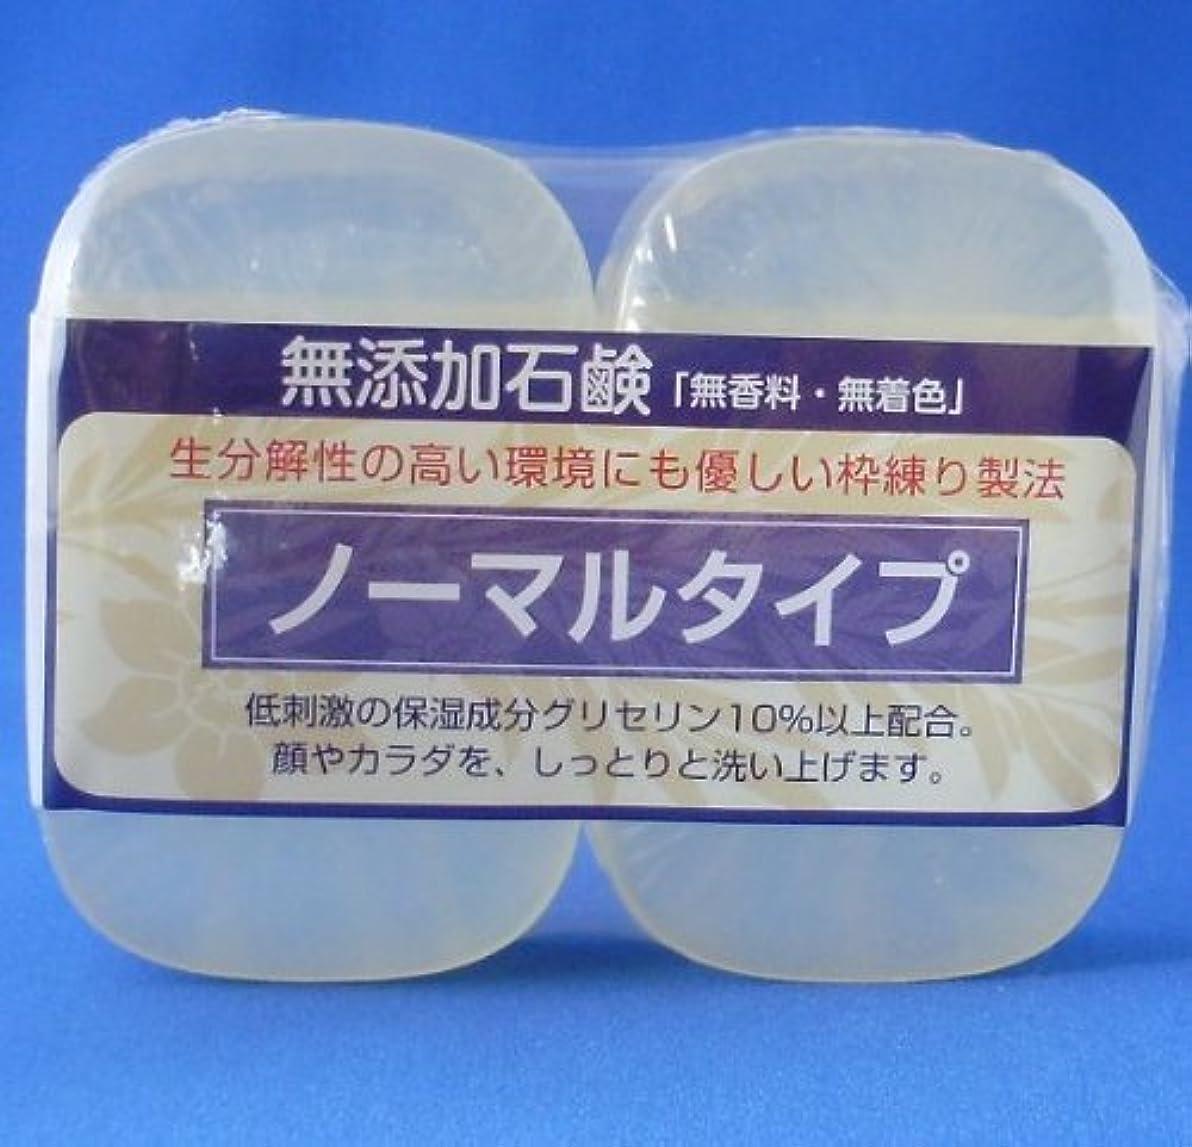 ピクニック意味のある溶ける無添加石鹸 ノーマルタイプ 90g×2個